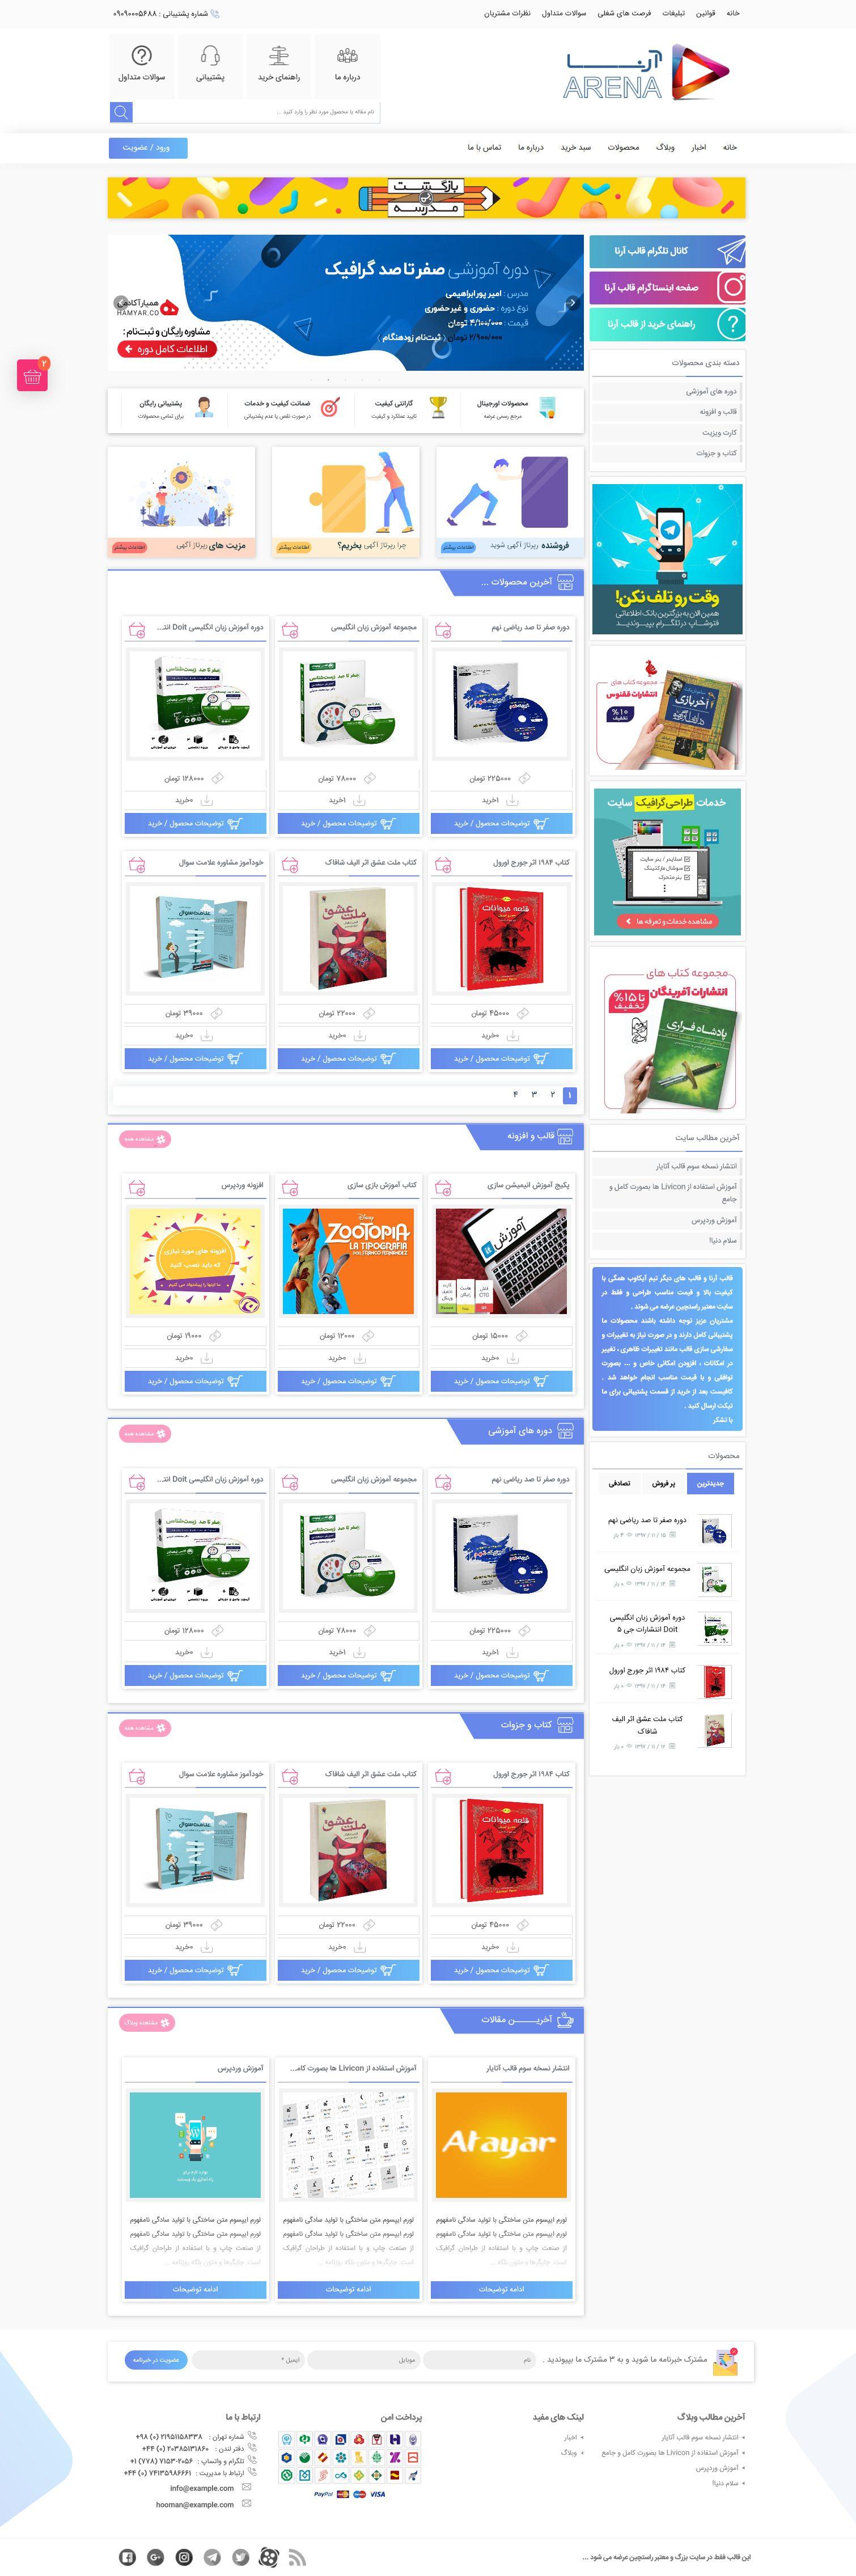 قالب آرنا | قالب فروش فایل و محصولات مجازی کاملا ایرانی